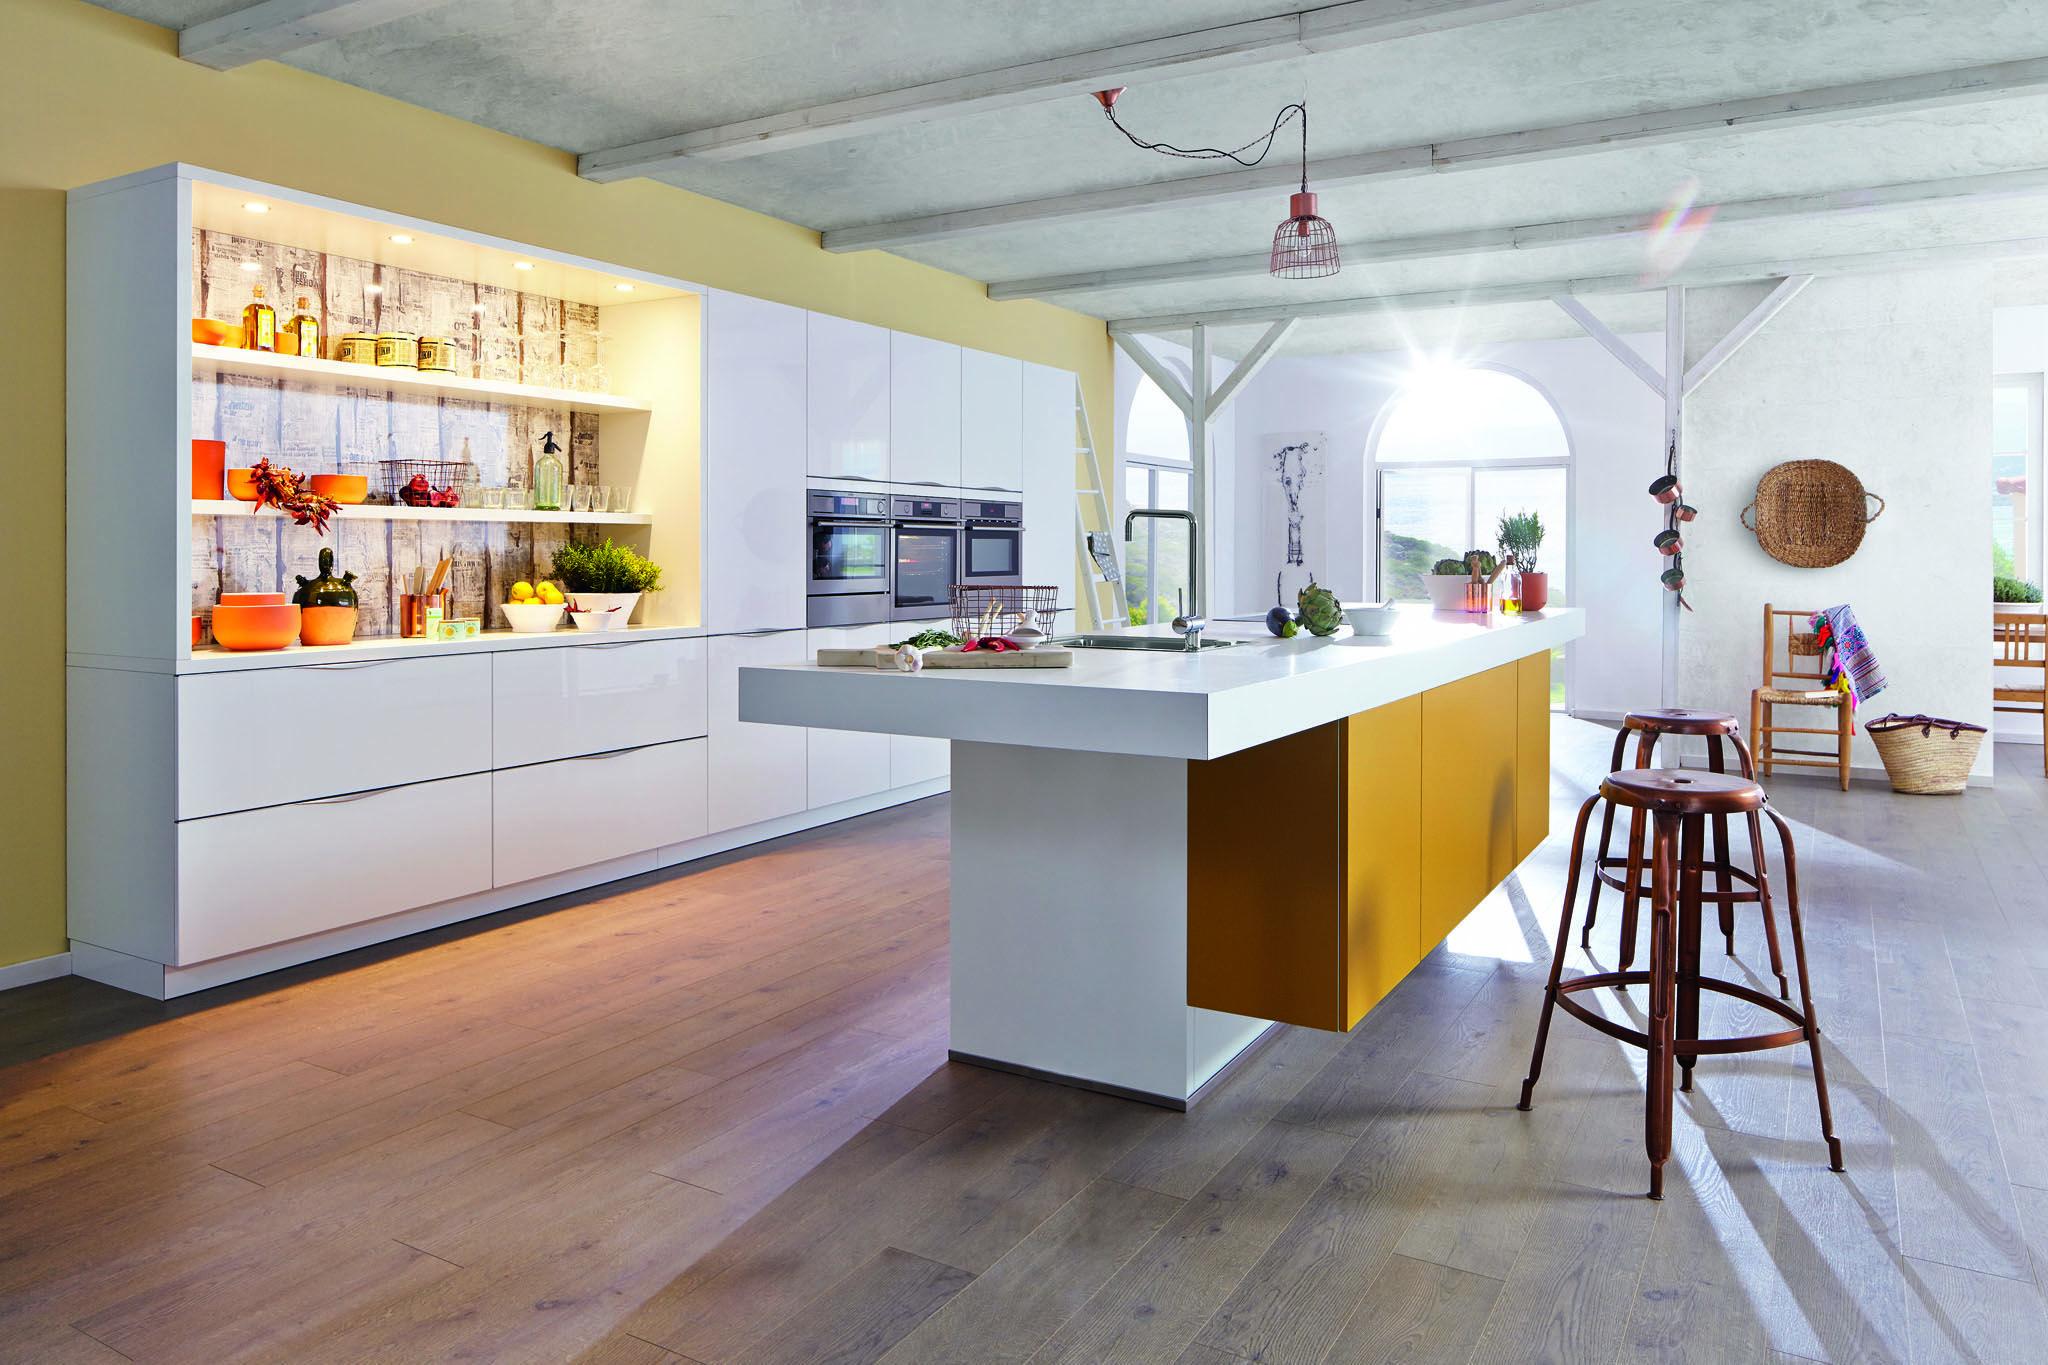 Küchen Idee farbgestaltung der küche bilder und ideen für farbige küchen